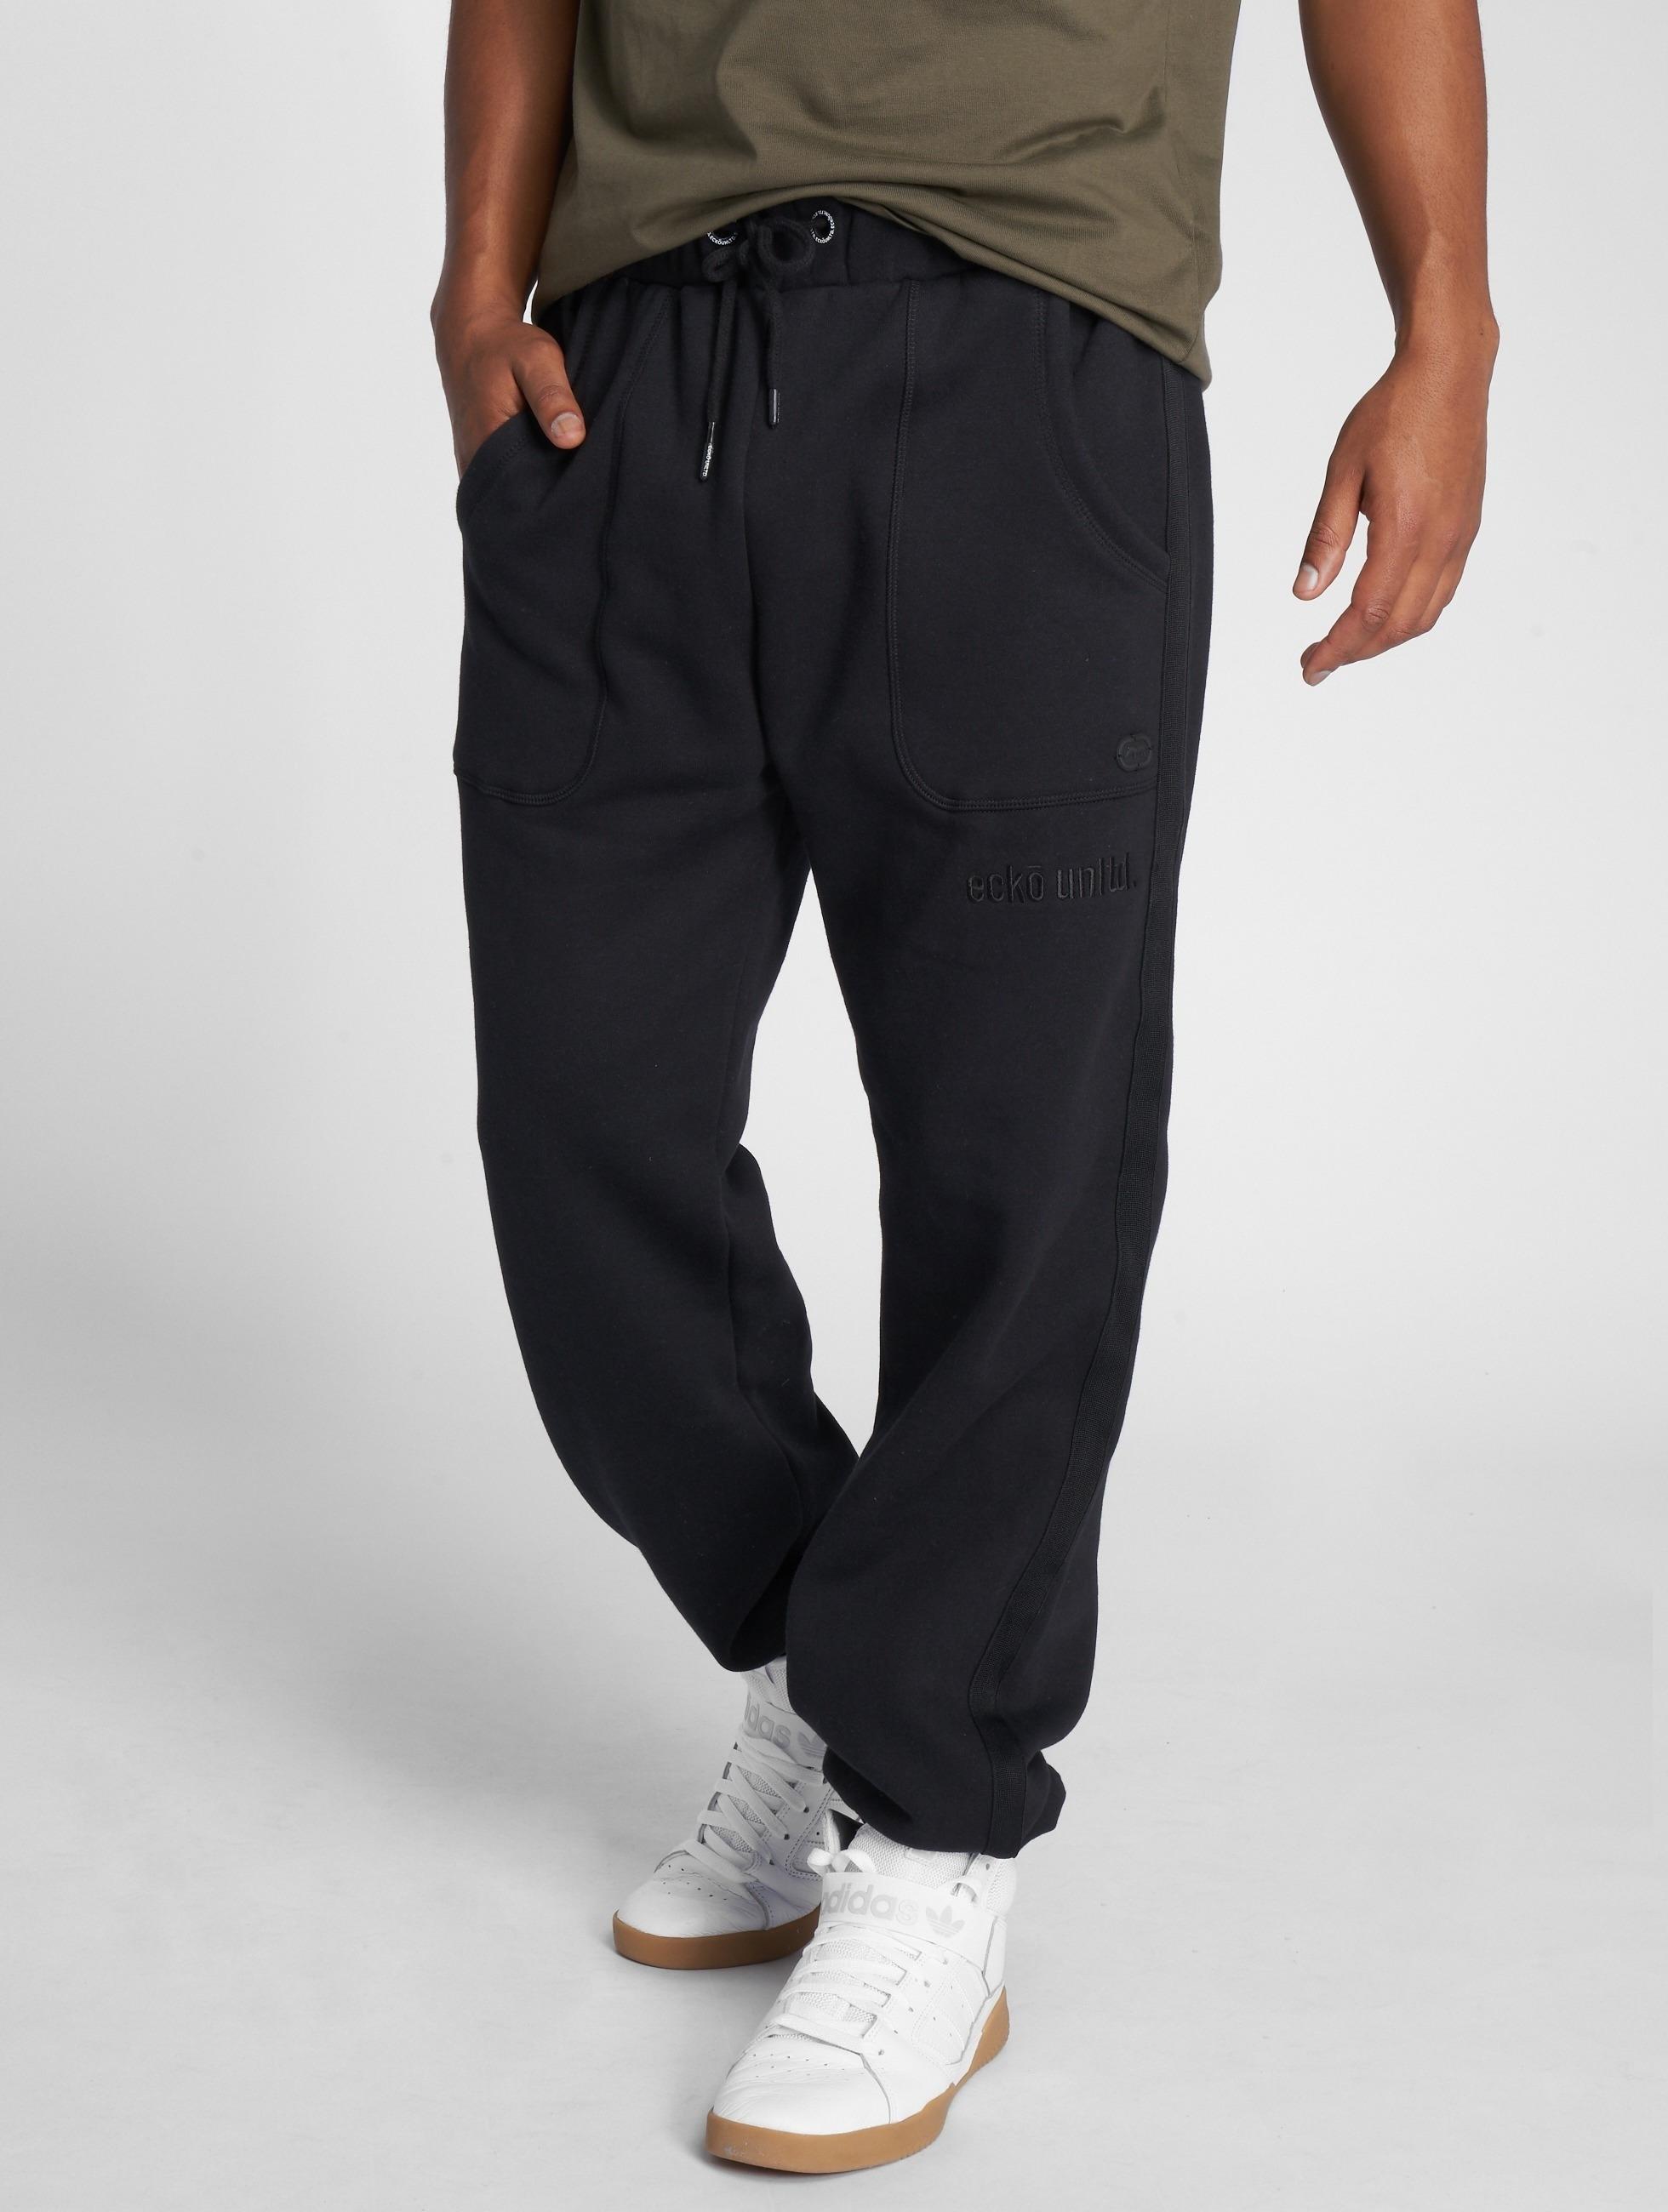 Ecko Unltd. / Sweat Pant Square 72 in black XL